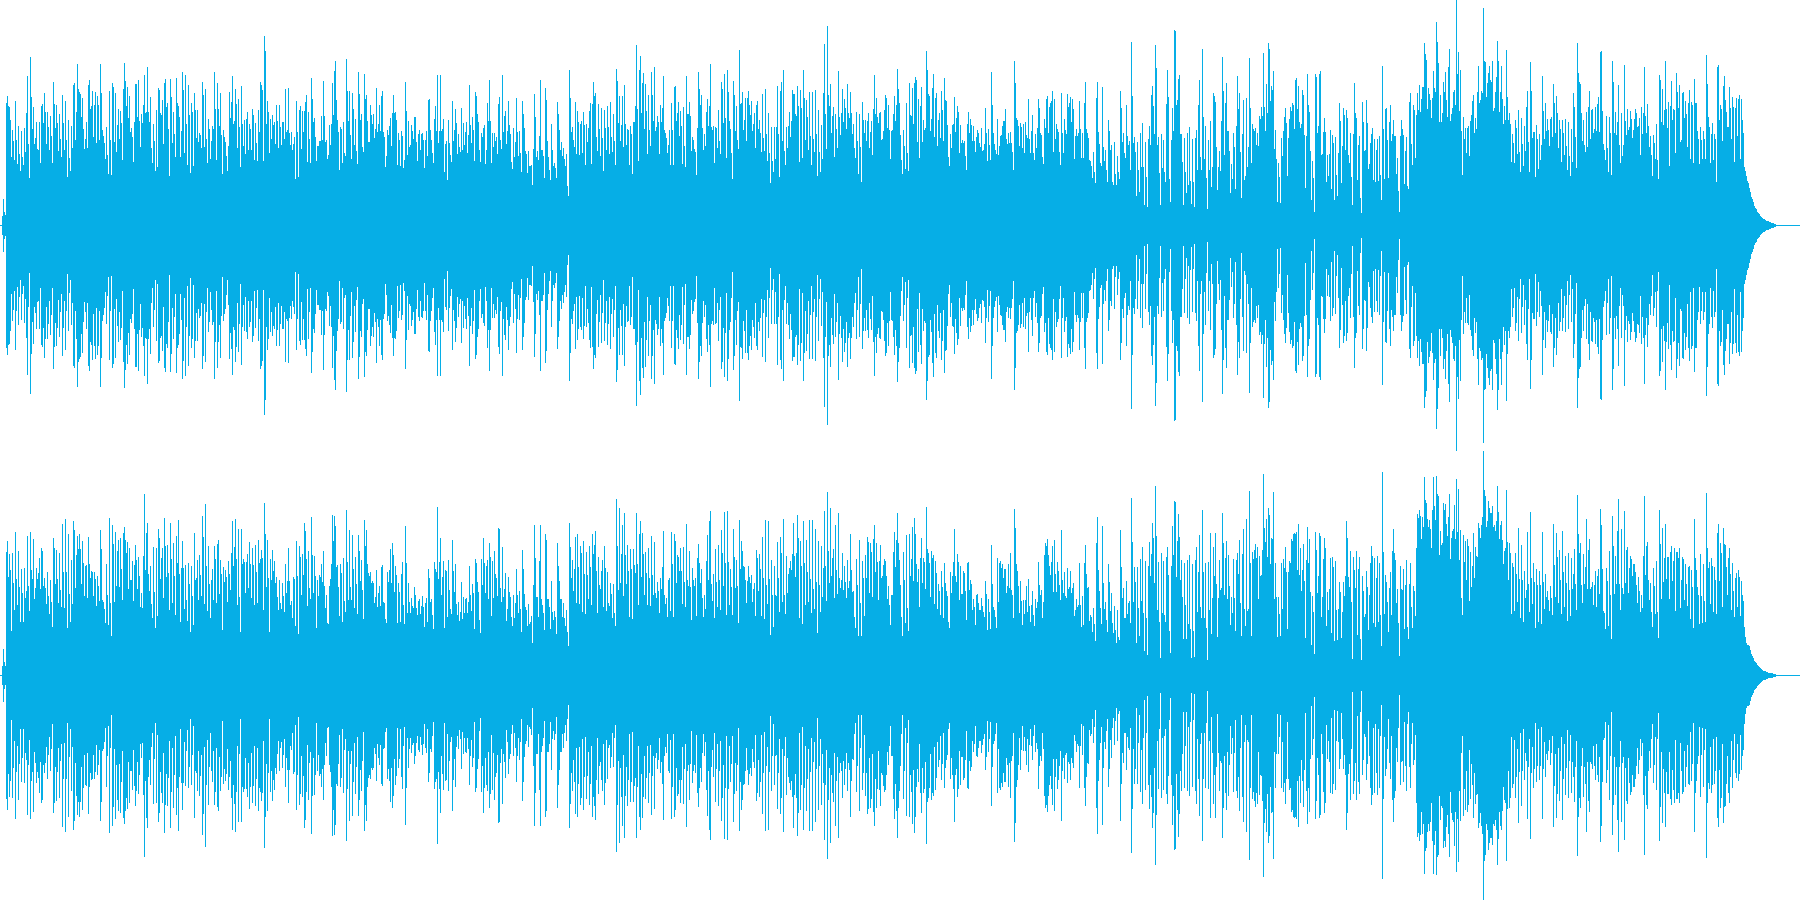 童謡うれしいひなまつりジャズピアノトリオの再生済みの波形